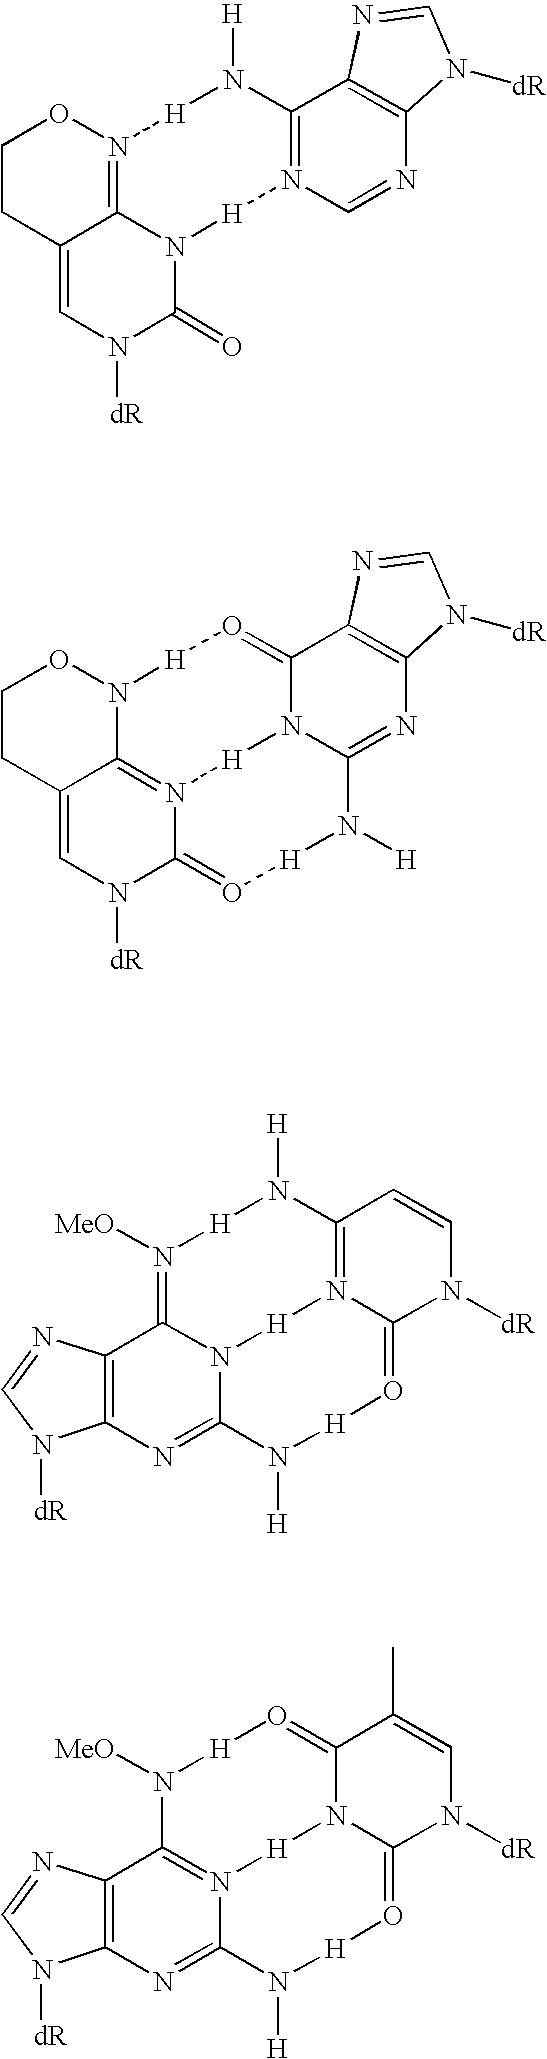 Figure US07875733-20110125-C00012